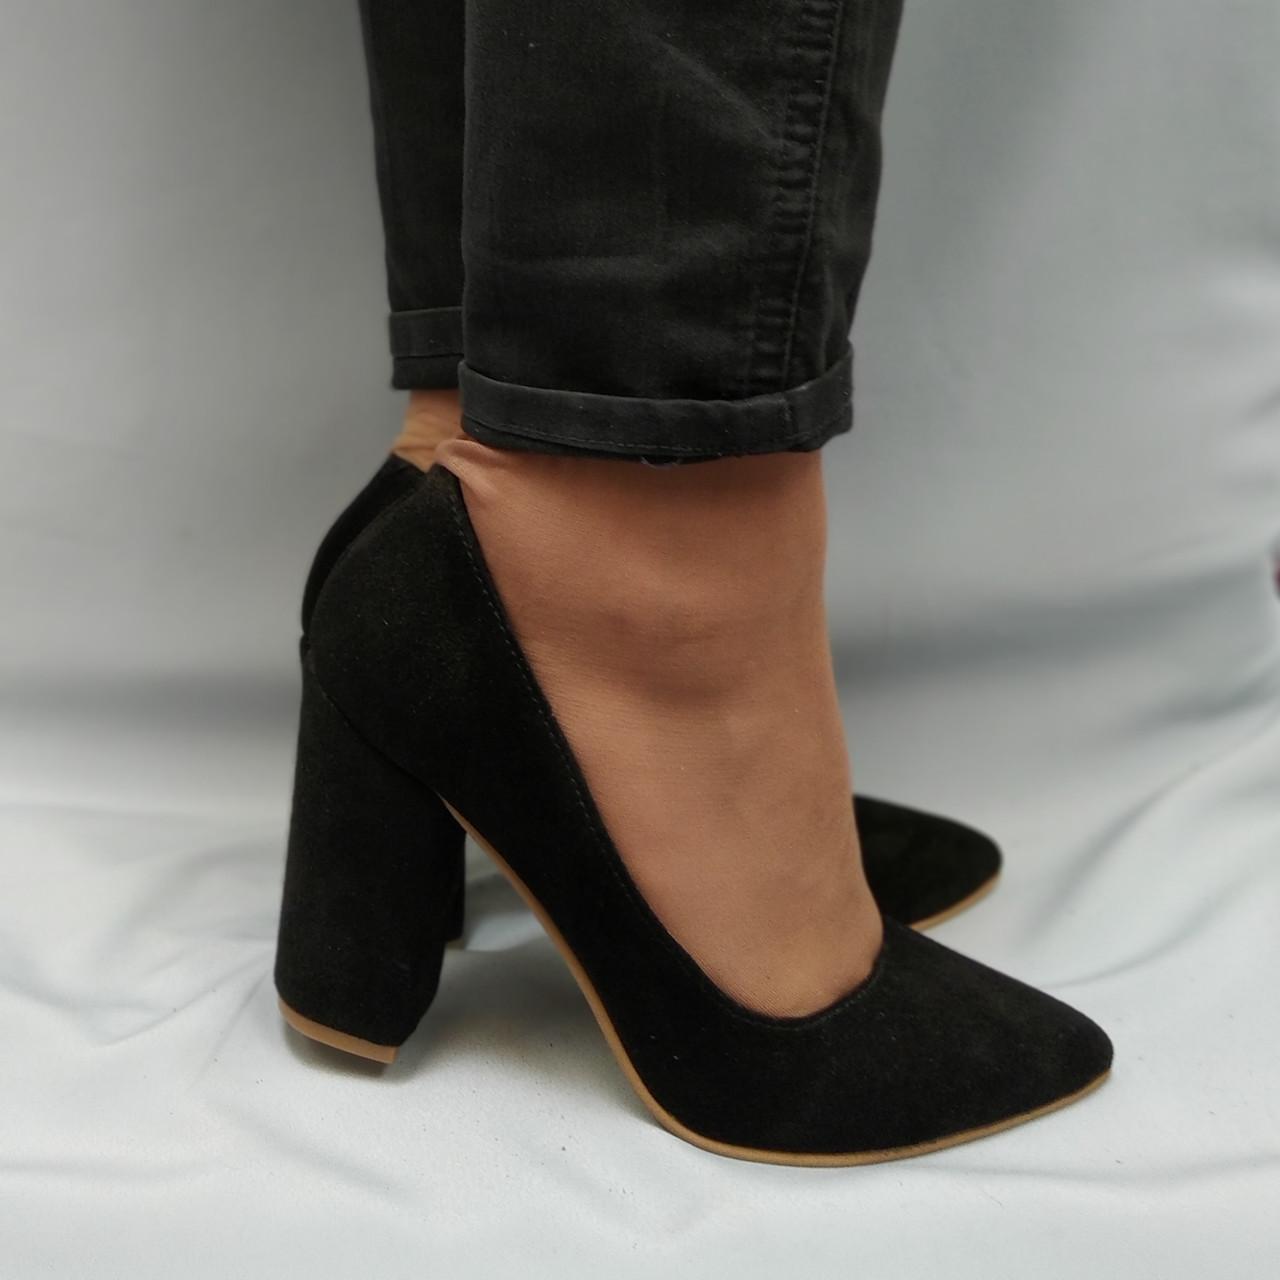 Туфли женские на каблуке замшевые черные